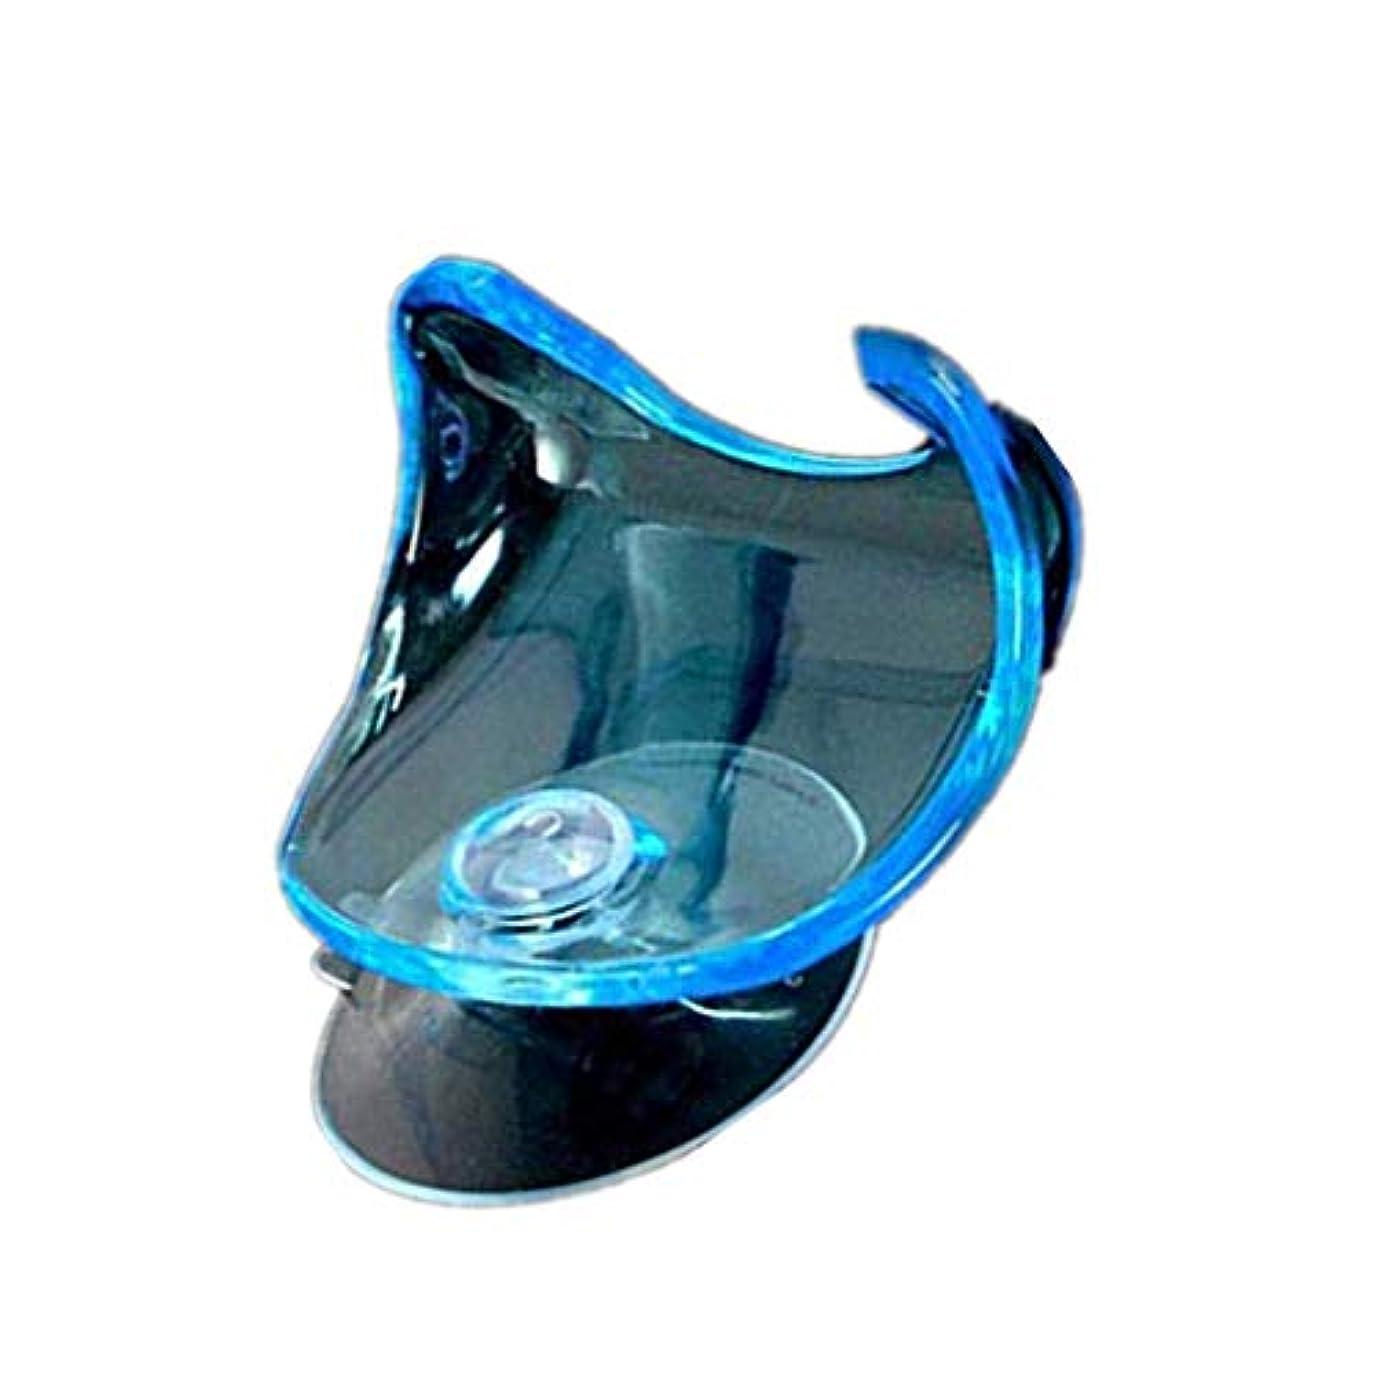 布ショップボクシングハンギングラッククリアストレージシェルフの浴室の吸盤サクションカップカミソリホルダー